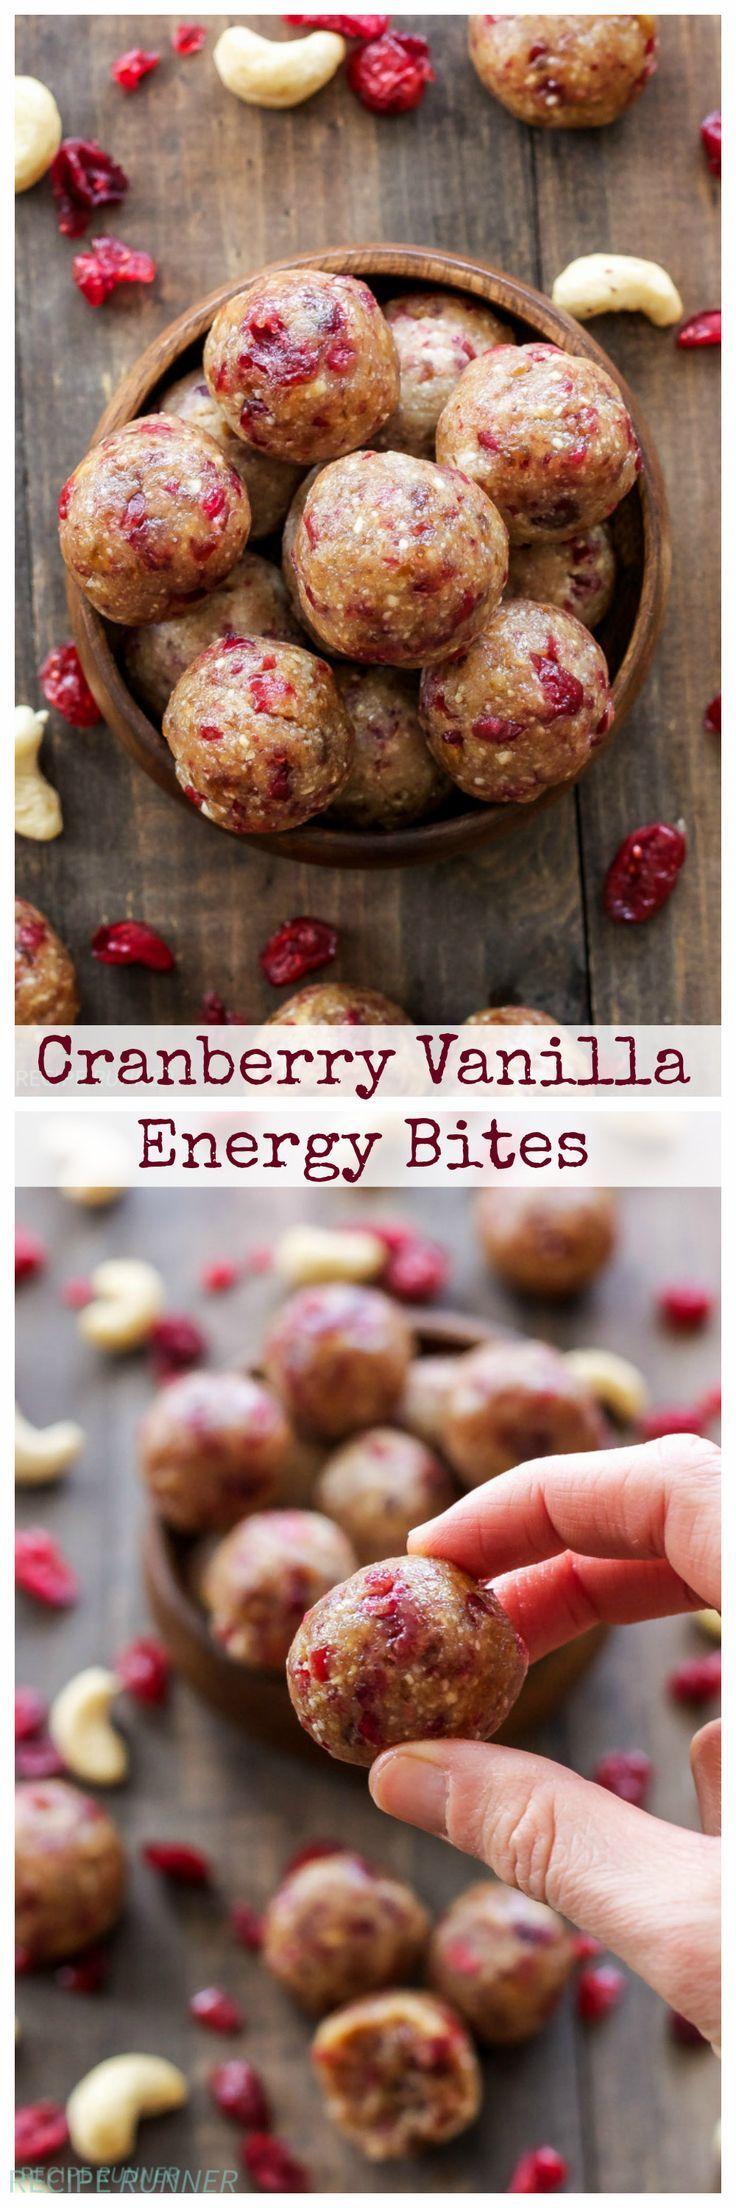 Cranberry Vanilla Energie Bites | Diese gesunden Energie Bisse sind glutenfrei, vegan, Paläo und voller Preiselbeeren und Vanillearomen!